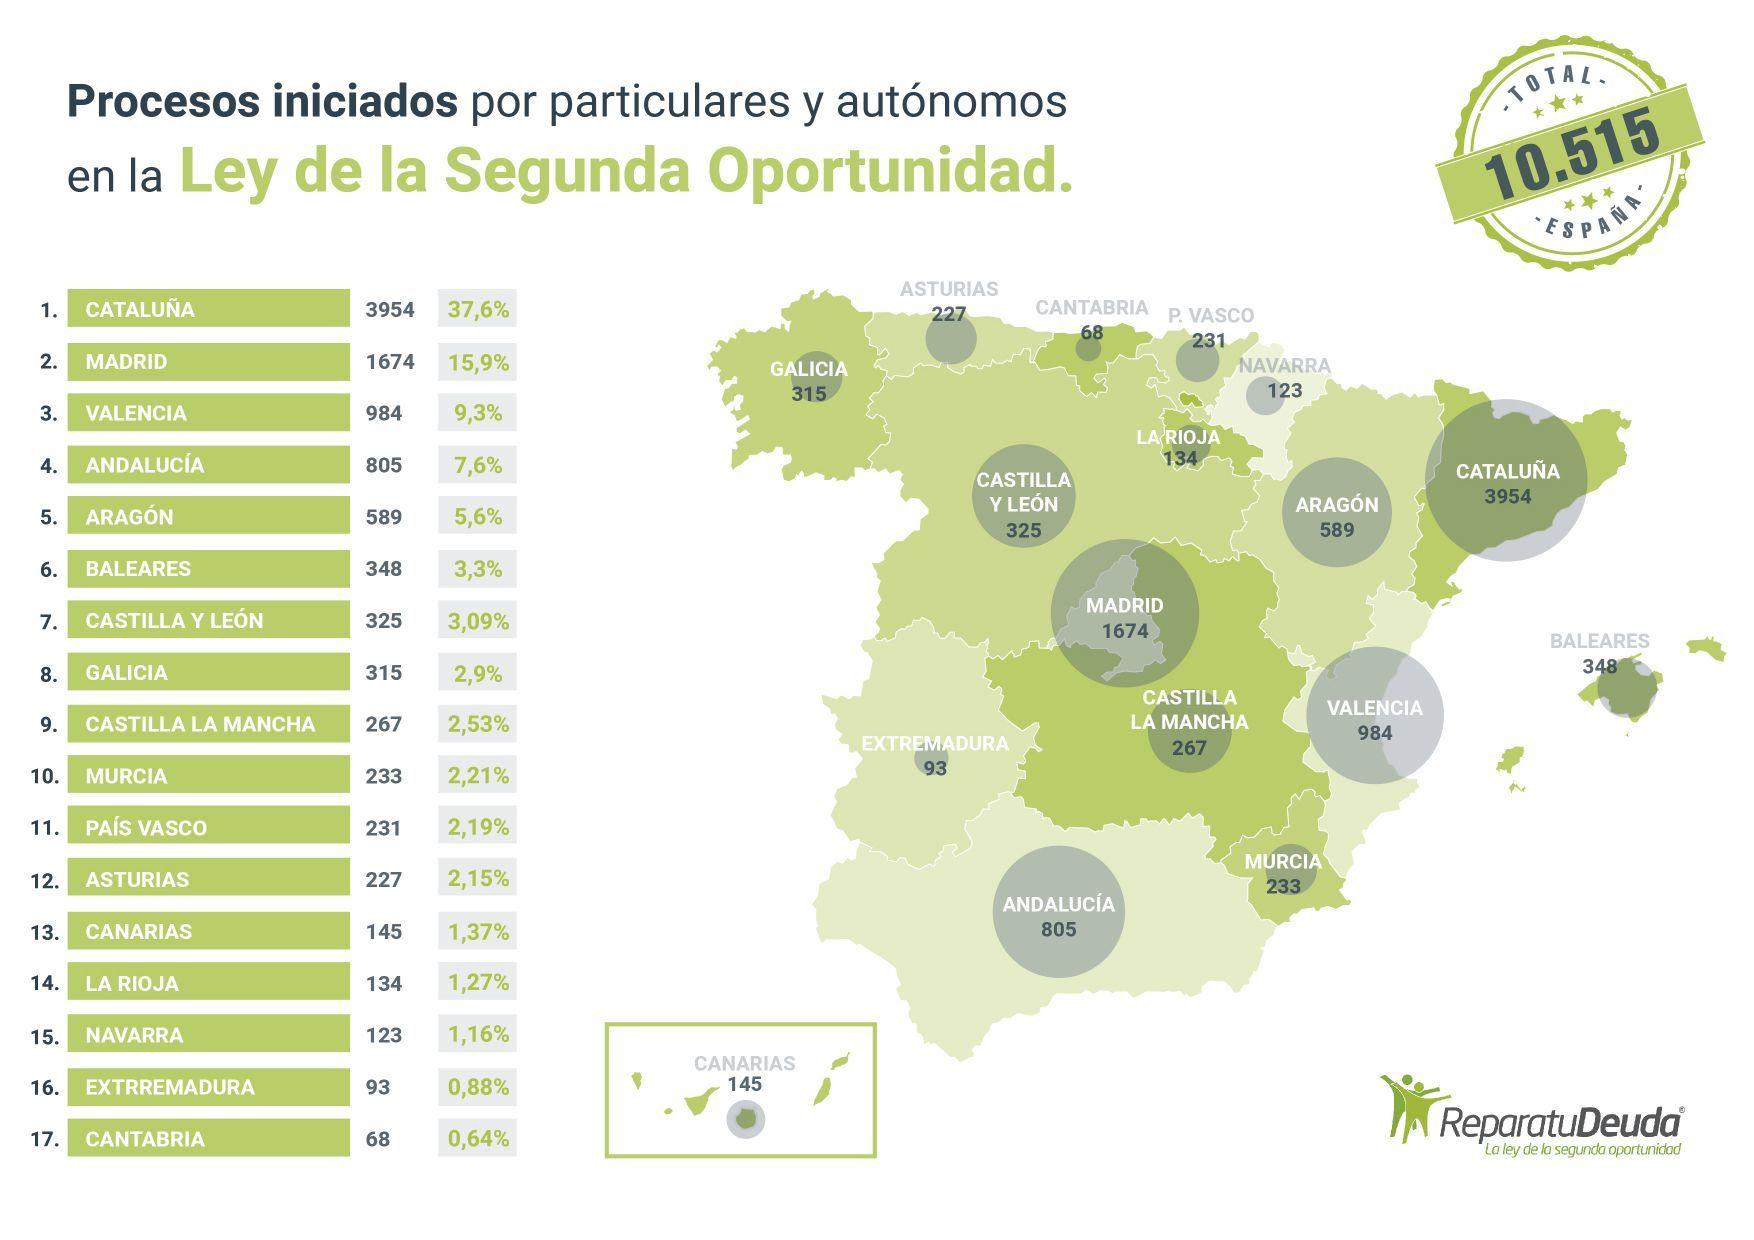 Repara tu deuda anuncia que 348 personas endeudadas en Baleares se acogen a la Ley de Segunda Oportunidad